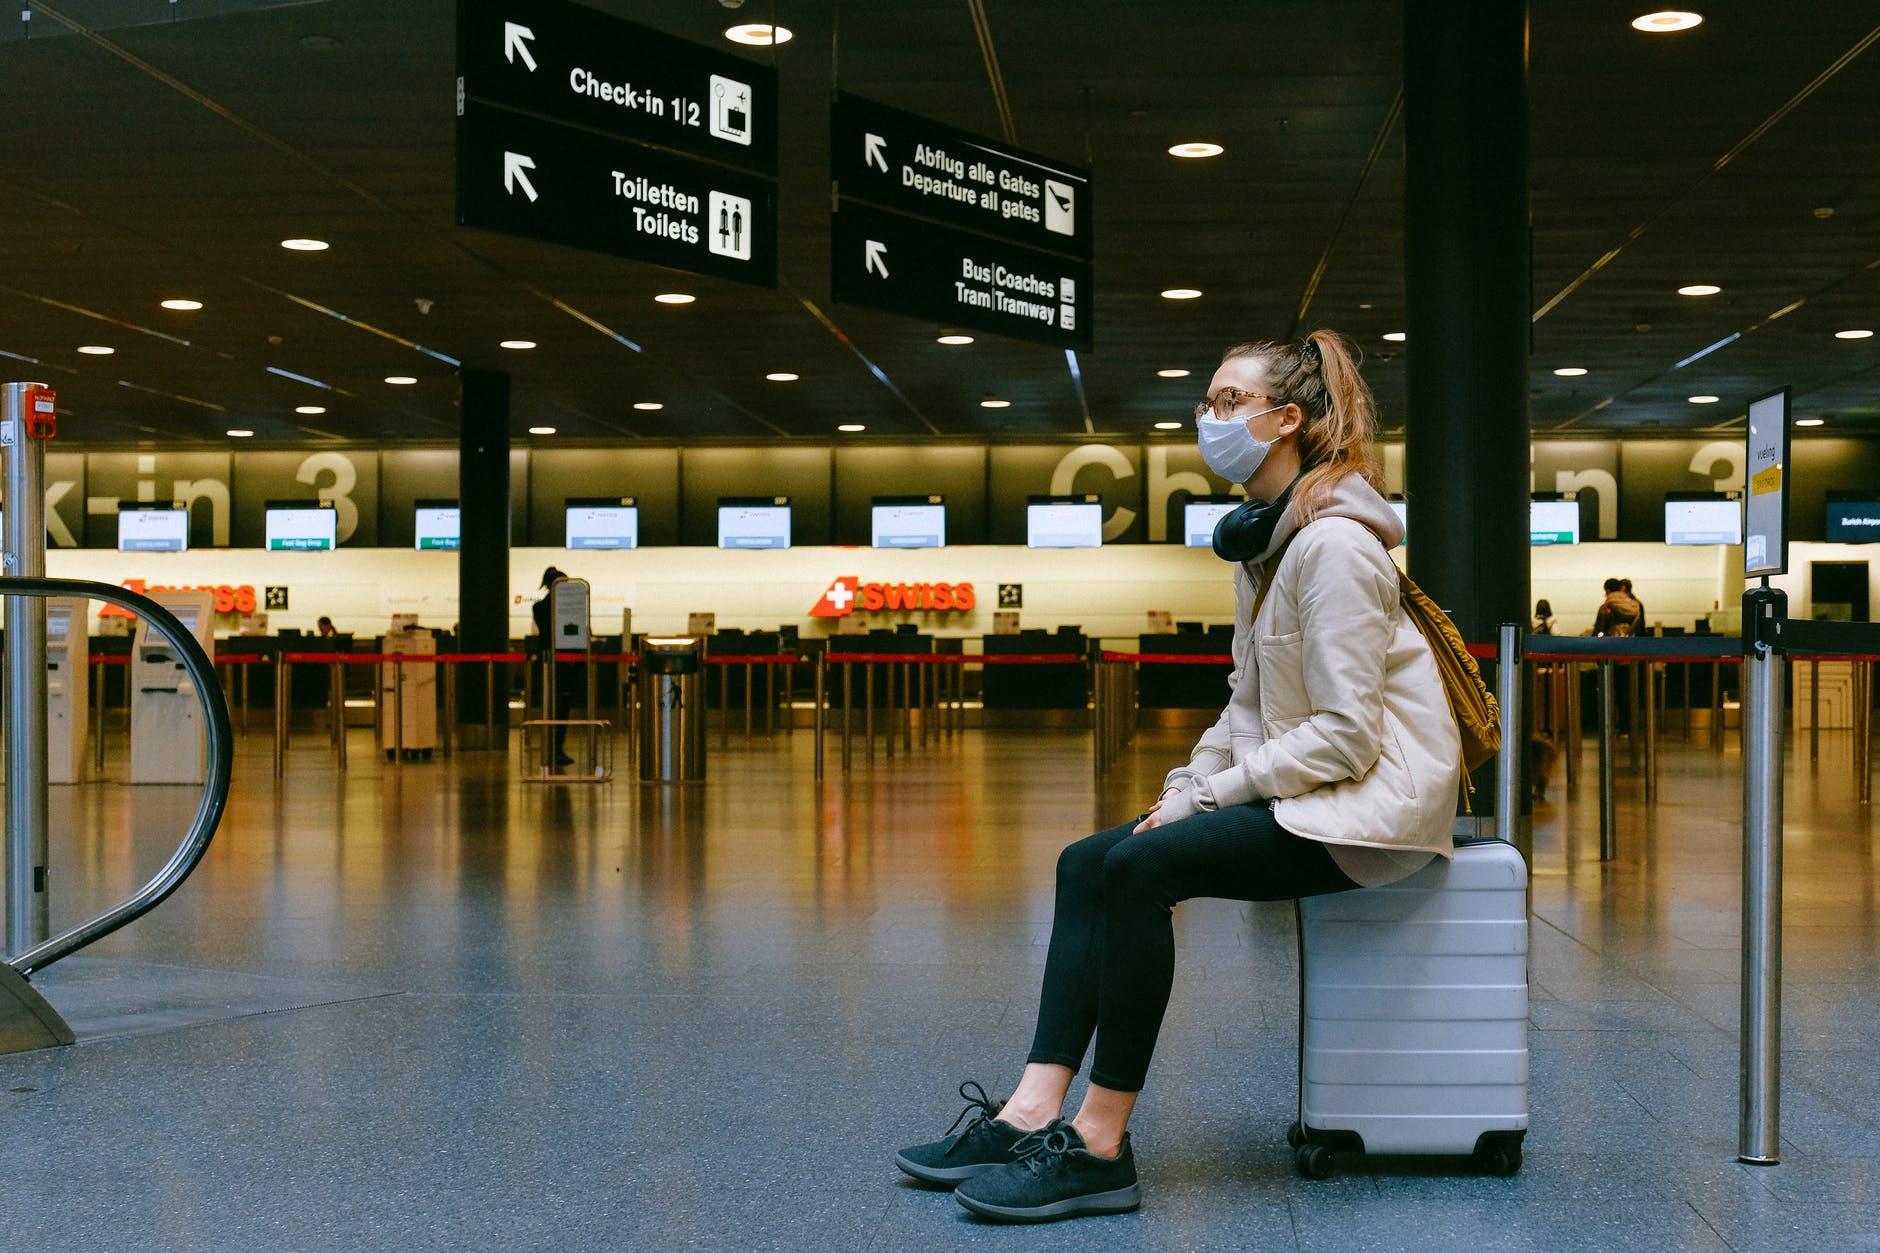 ¿Qué tan seguro es viajar durante la pandemia? Aquí algunas recomendaciones